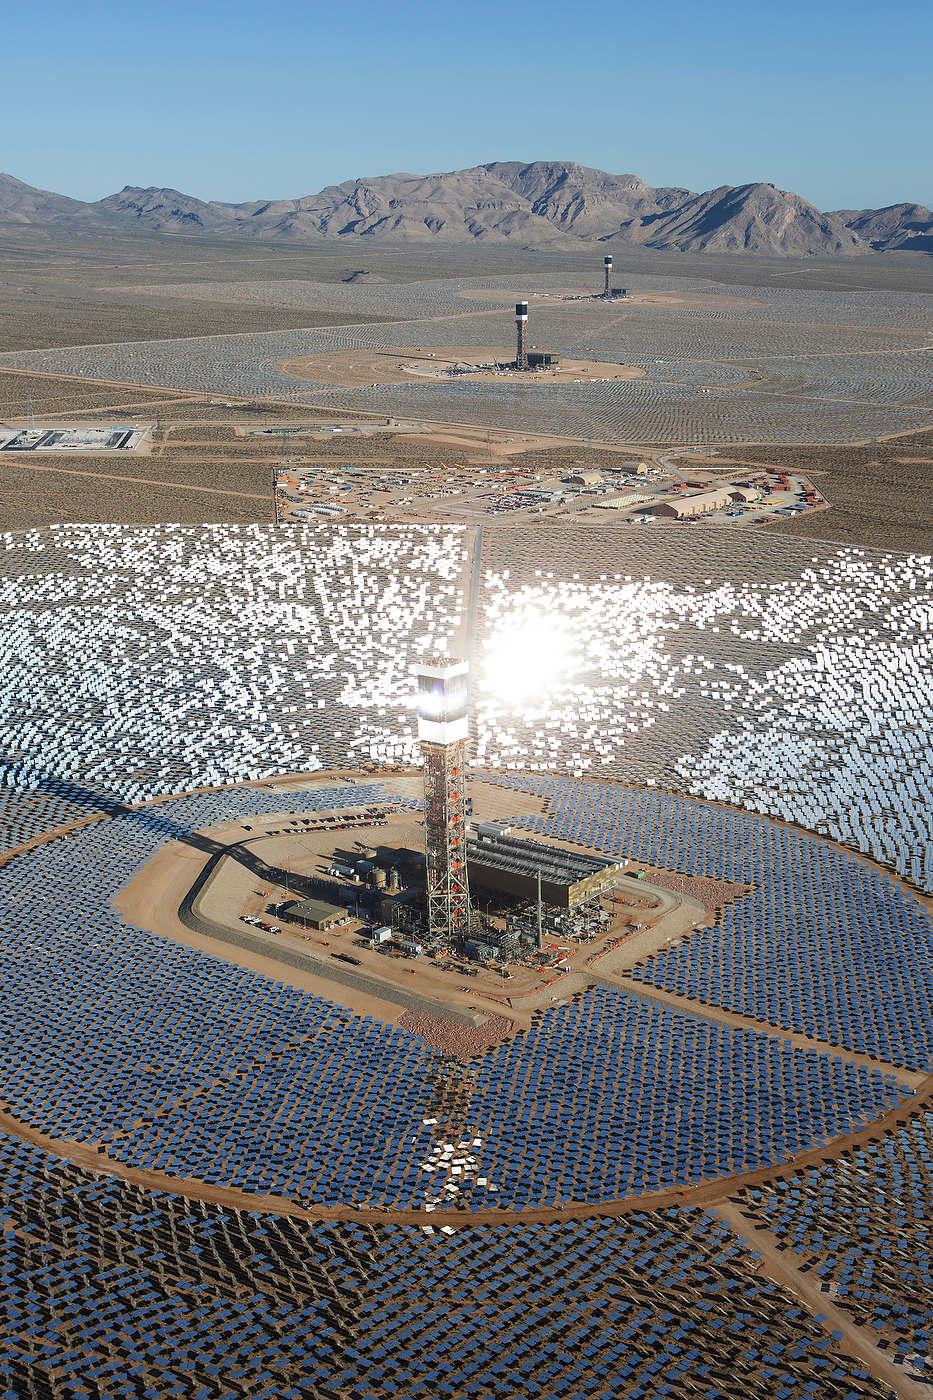 Ivanpah Solar Plant, California.